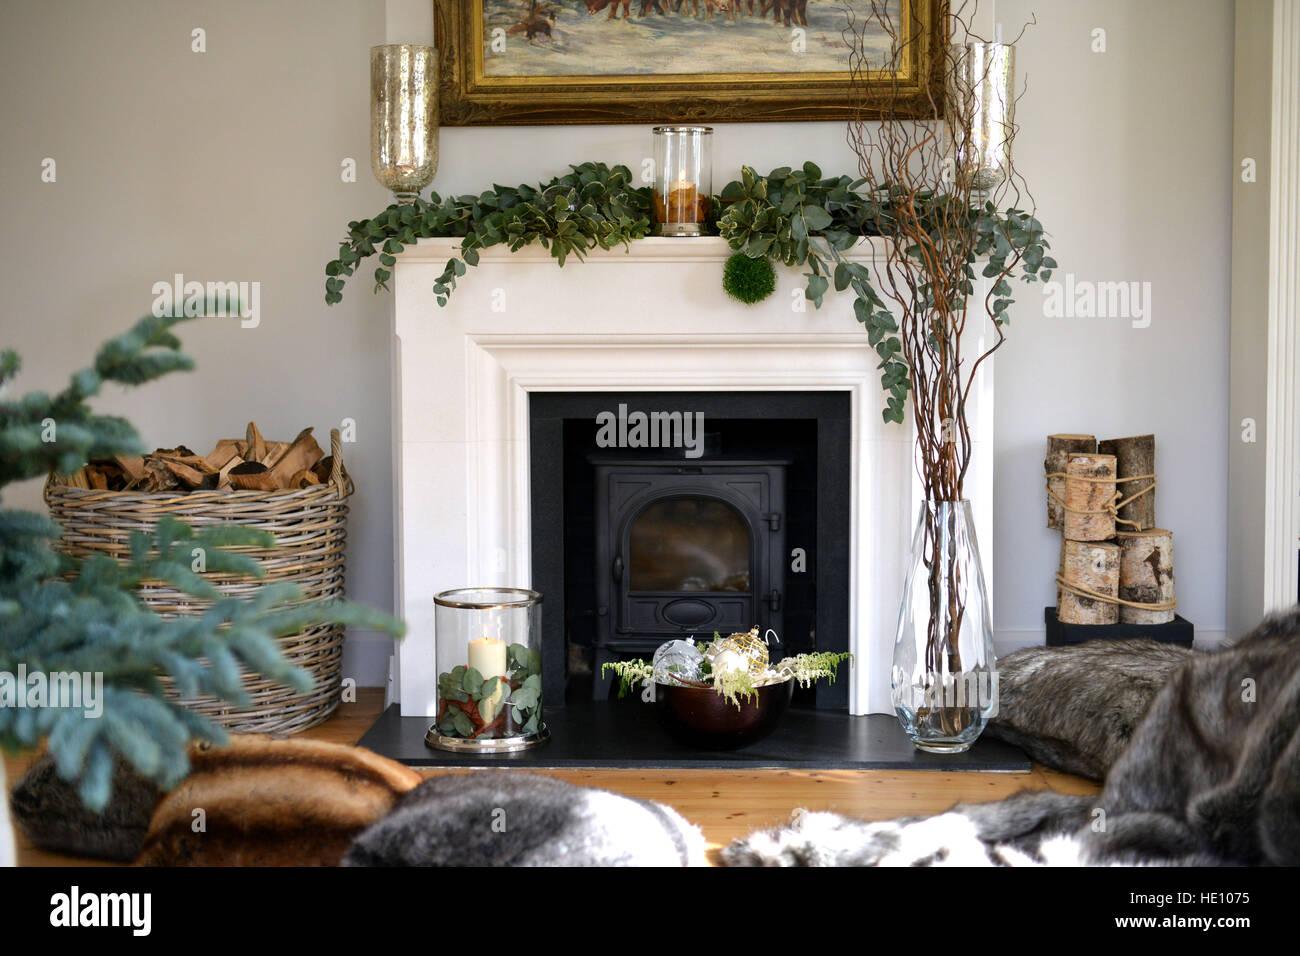 Wunderbar Kamin Dekoriert Für Weihnachten